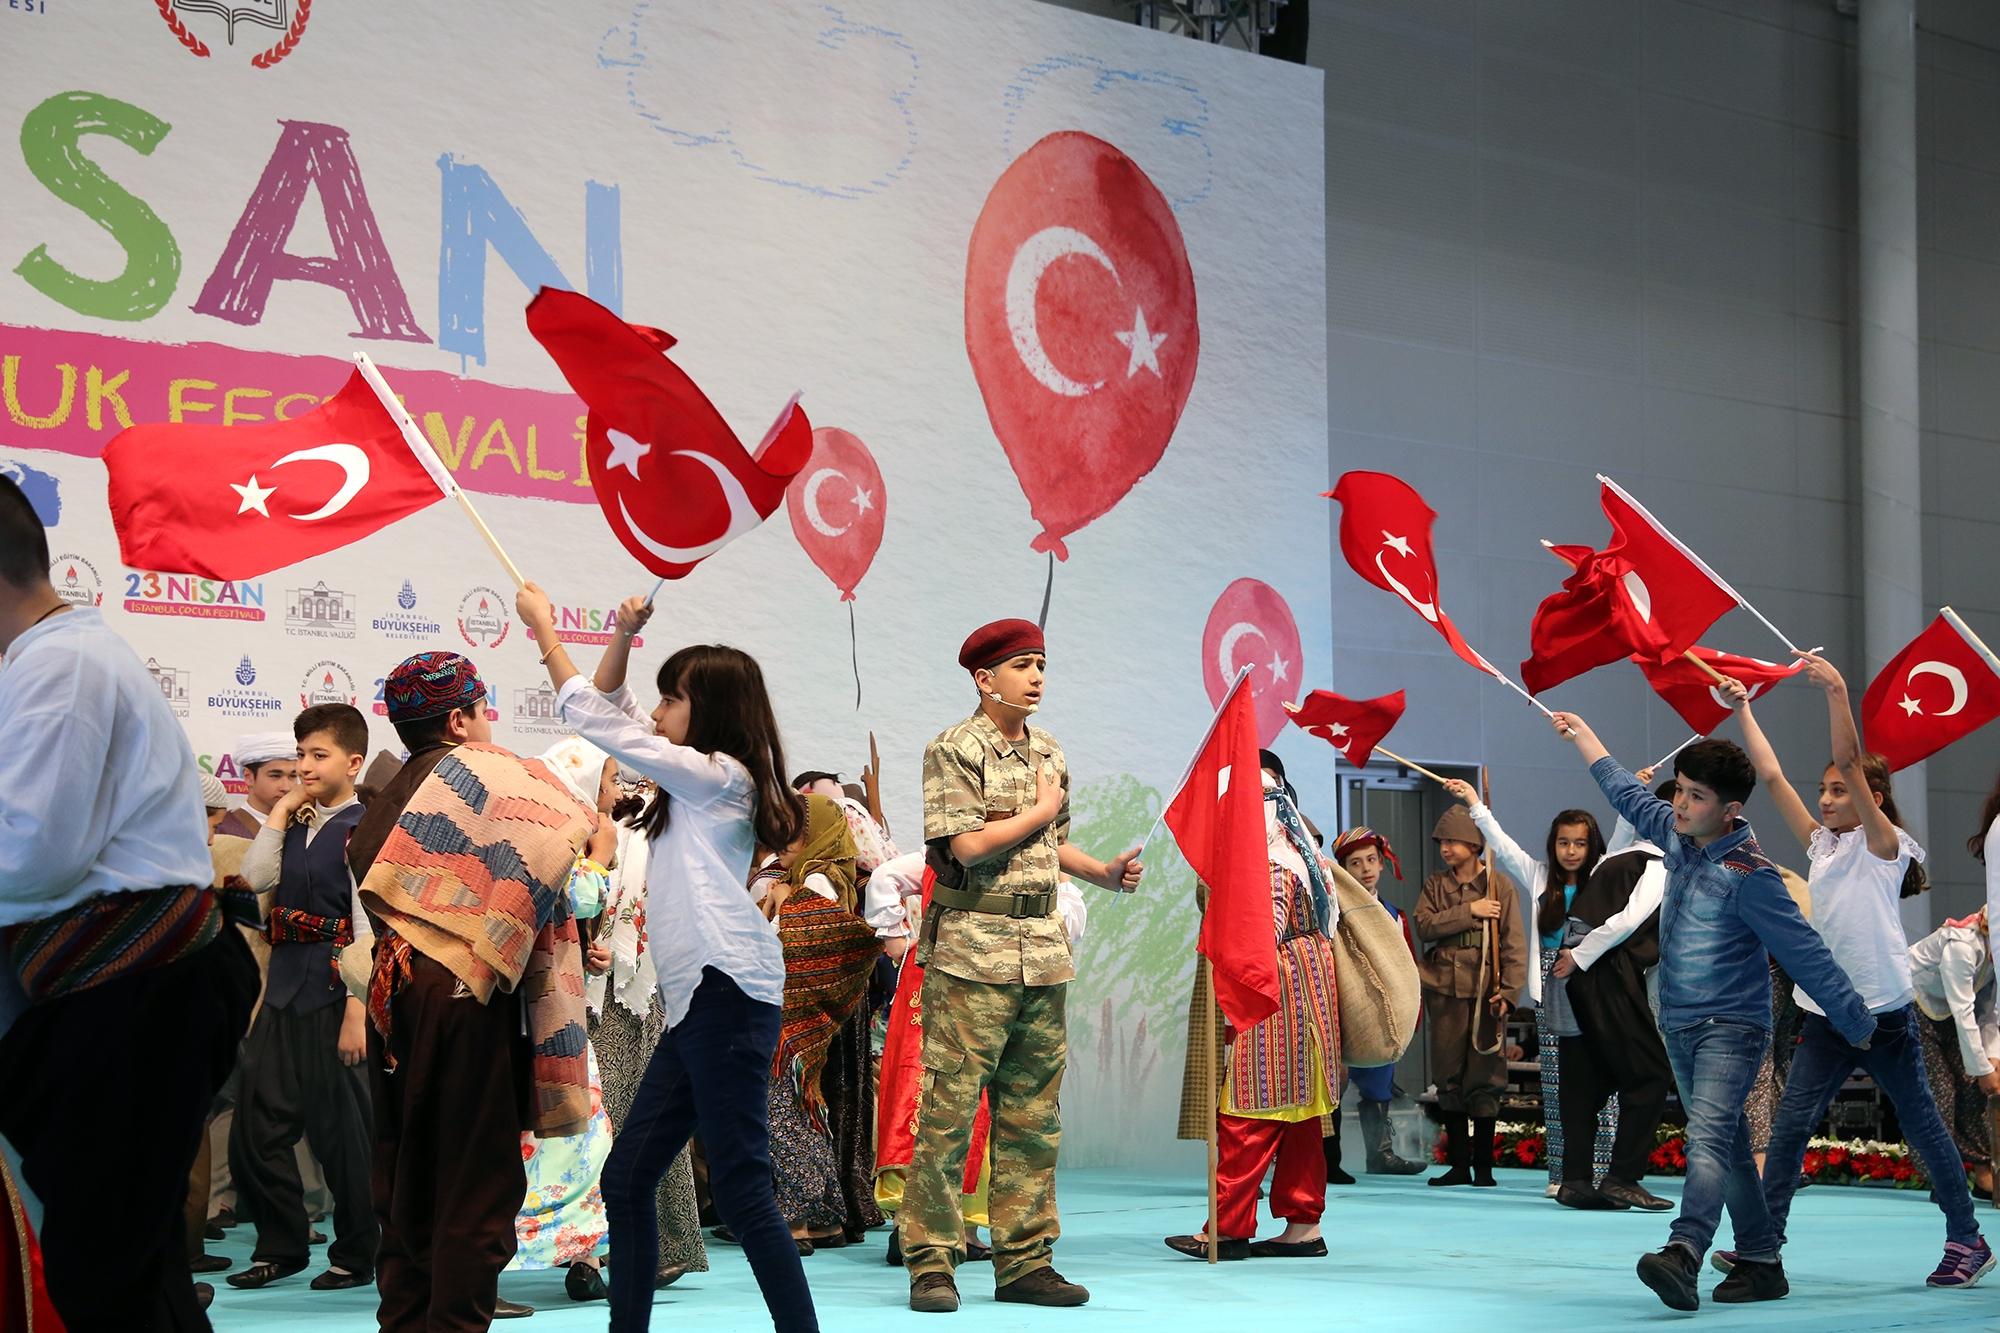 Konuşan Trafik Çocuk Oyunu Kadıköy Halk Eğitim Merkezi'nde 88